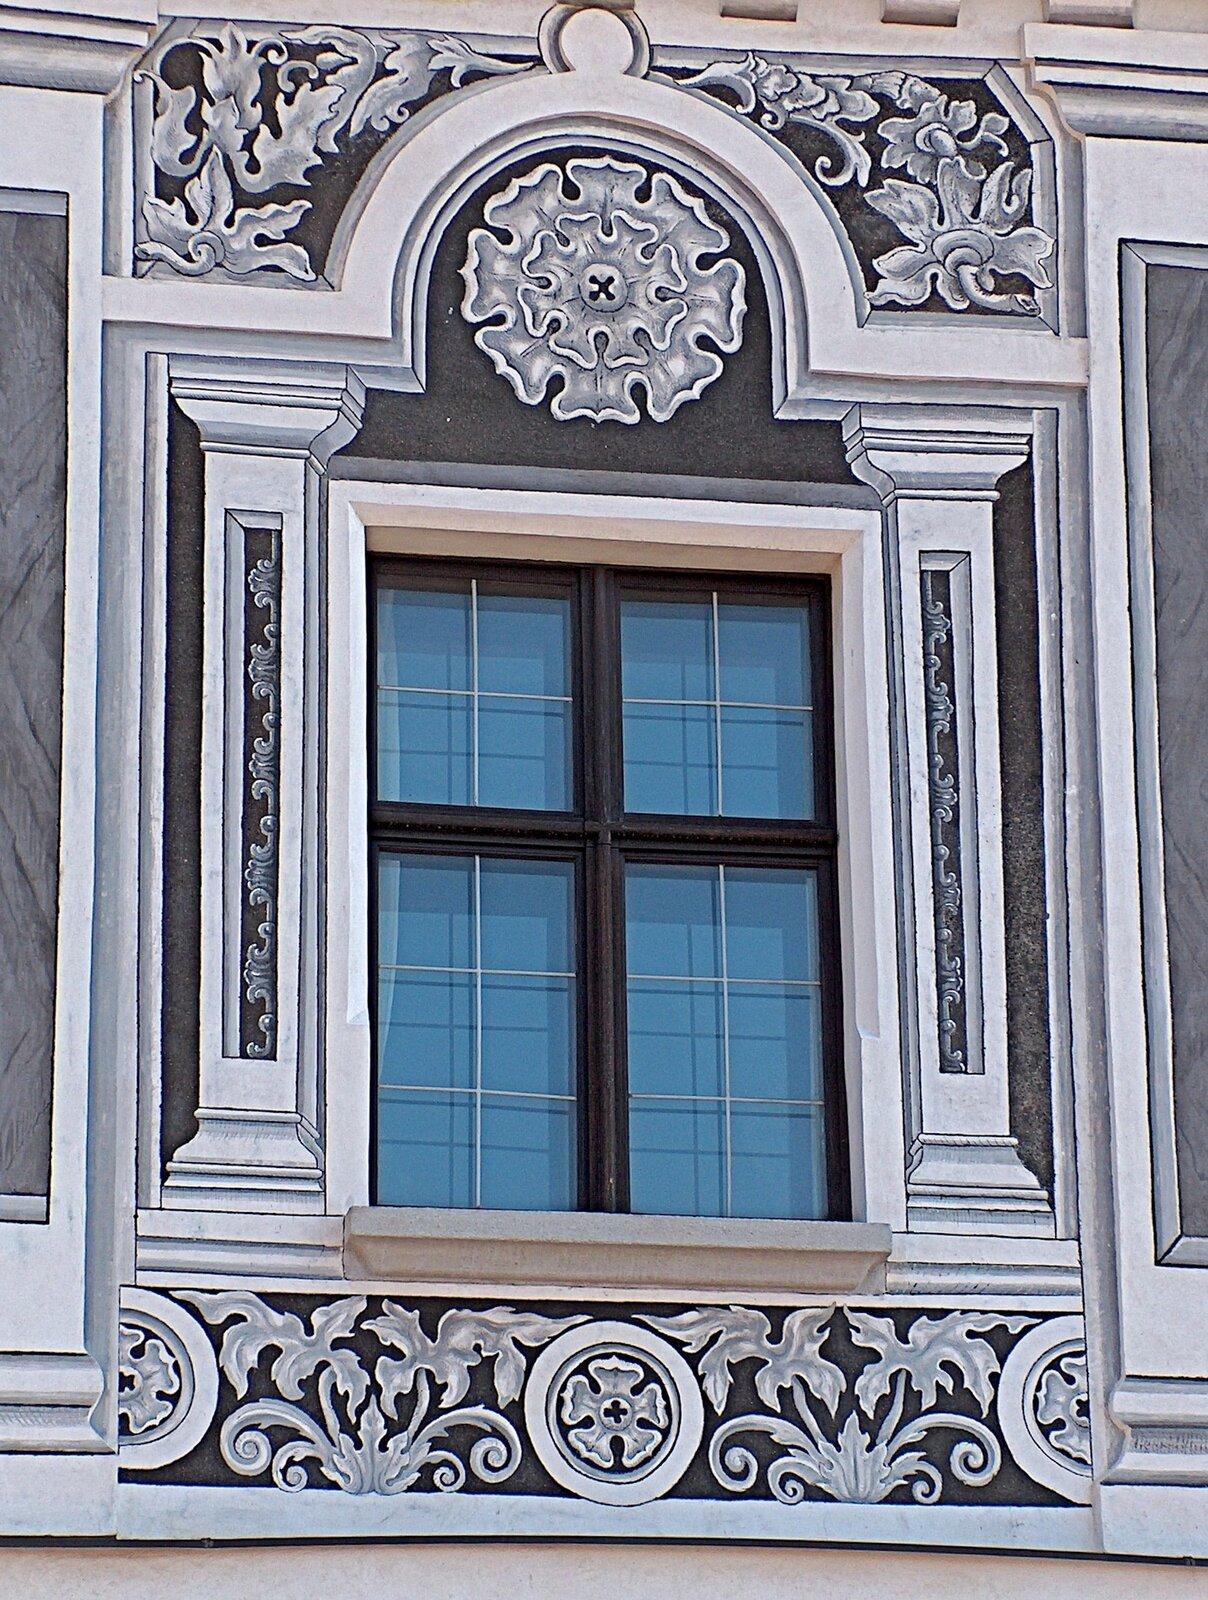 Ilustracja przedstawia sgraffito, będące dekoracją wokół okna. Po bokach są to filary, na górze - okrągły wieloliść, nad którym znajdują się ornamenty roślinne. Podobne motywy znajdują się pod oknem. Dekoracja jest symetryczna, wykonana wkolorze jasnoszarym na ciemnoszarym tle.